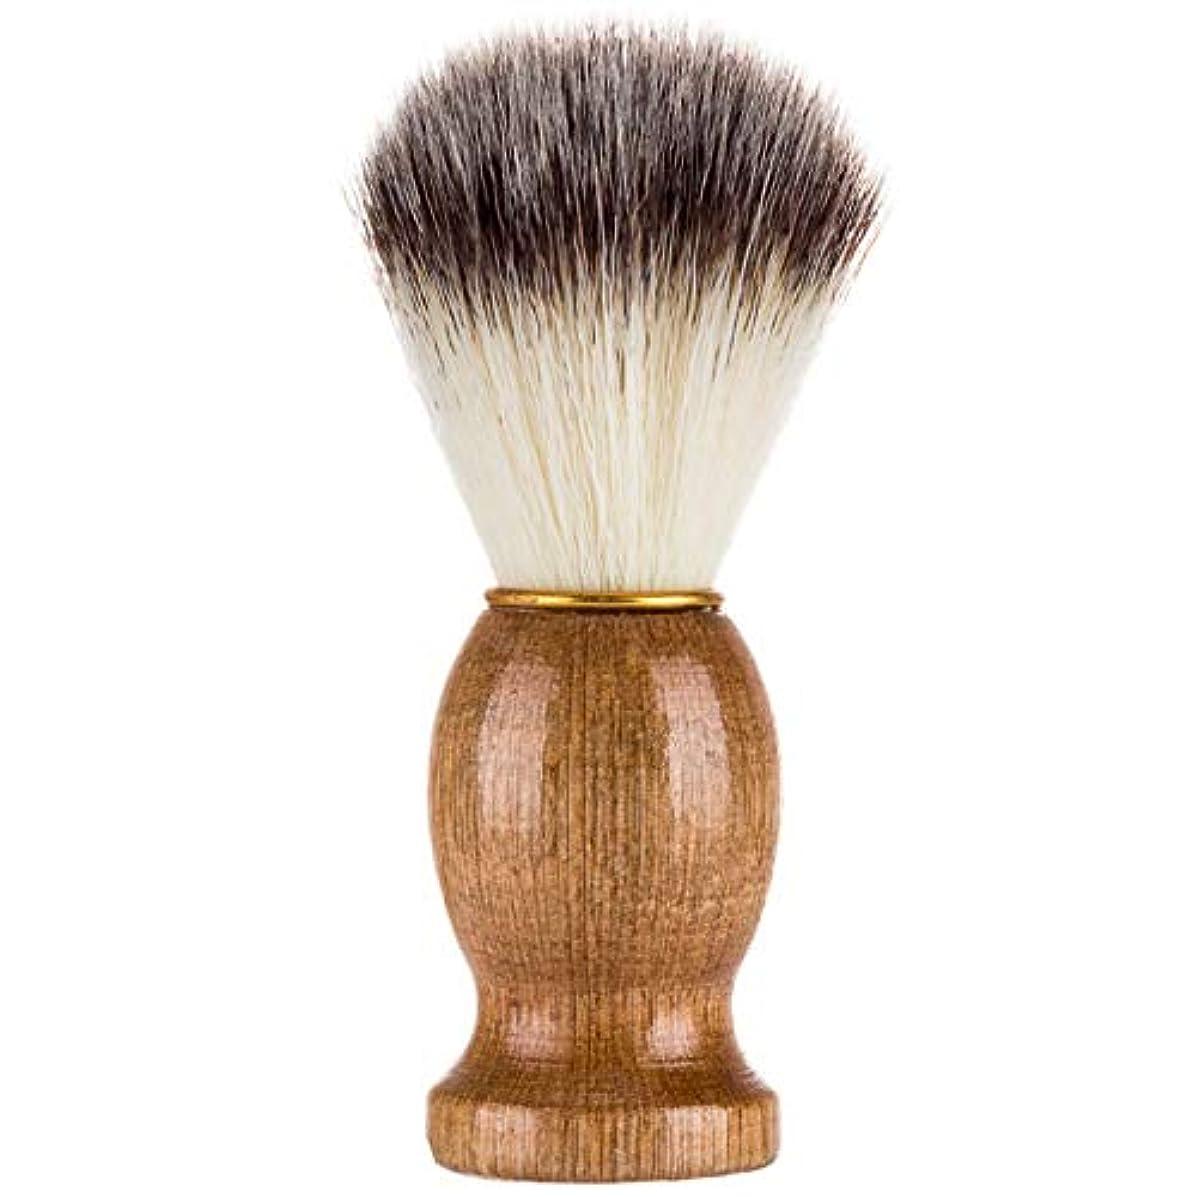 緯度トロリーリネンソフトヘアメイクブラシメンズシェービングブラシ品質剛毛新しいポータブルハイエンドひげブラシ美容ツール